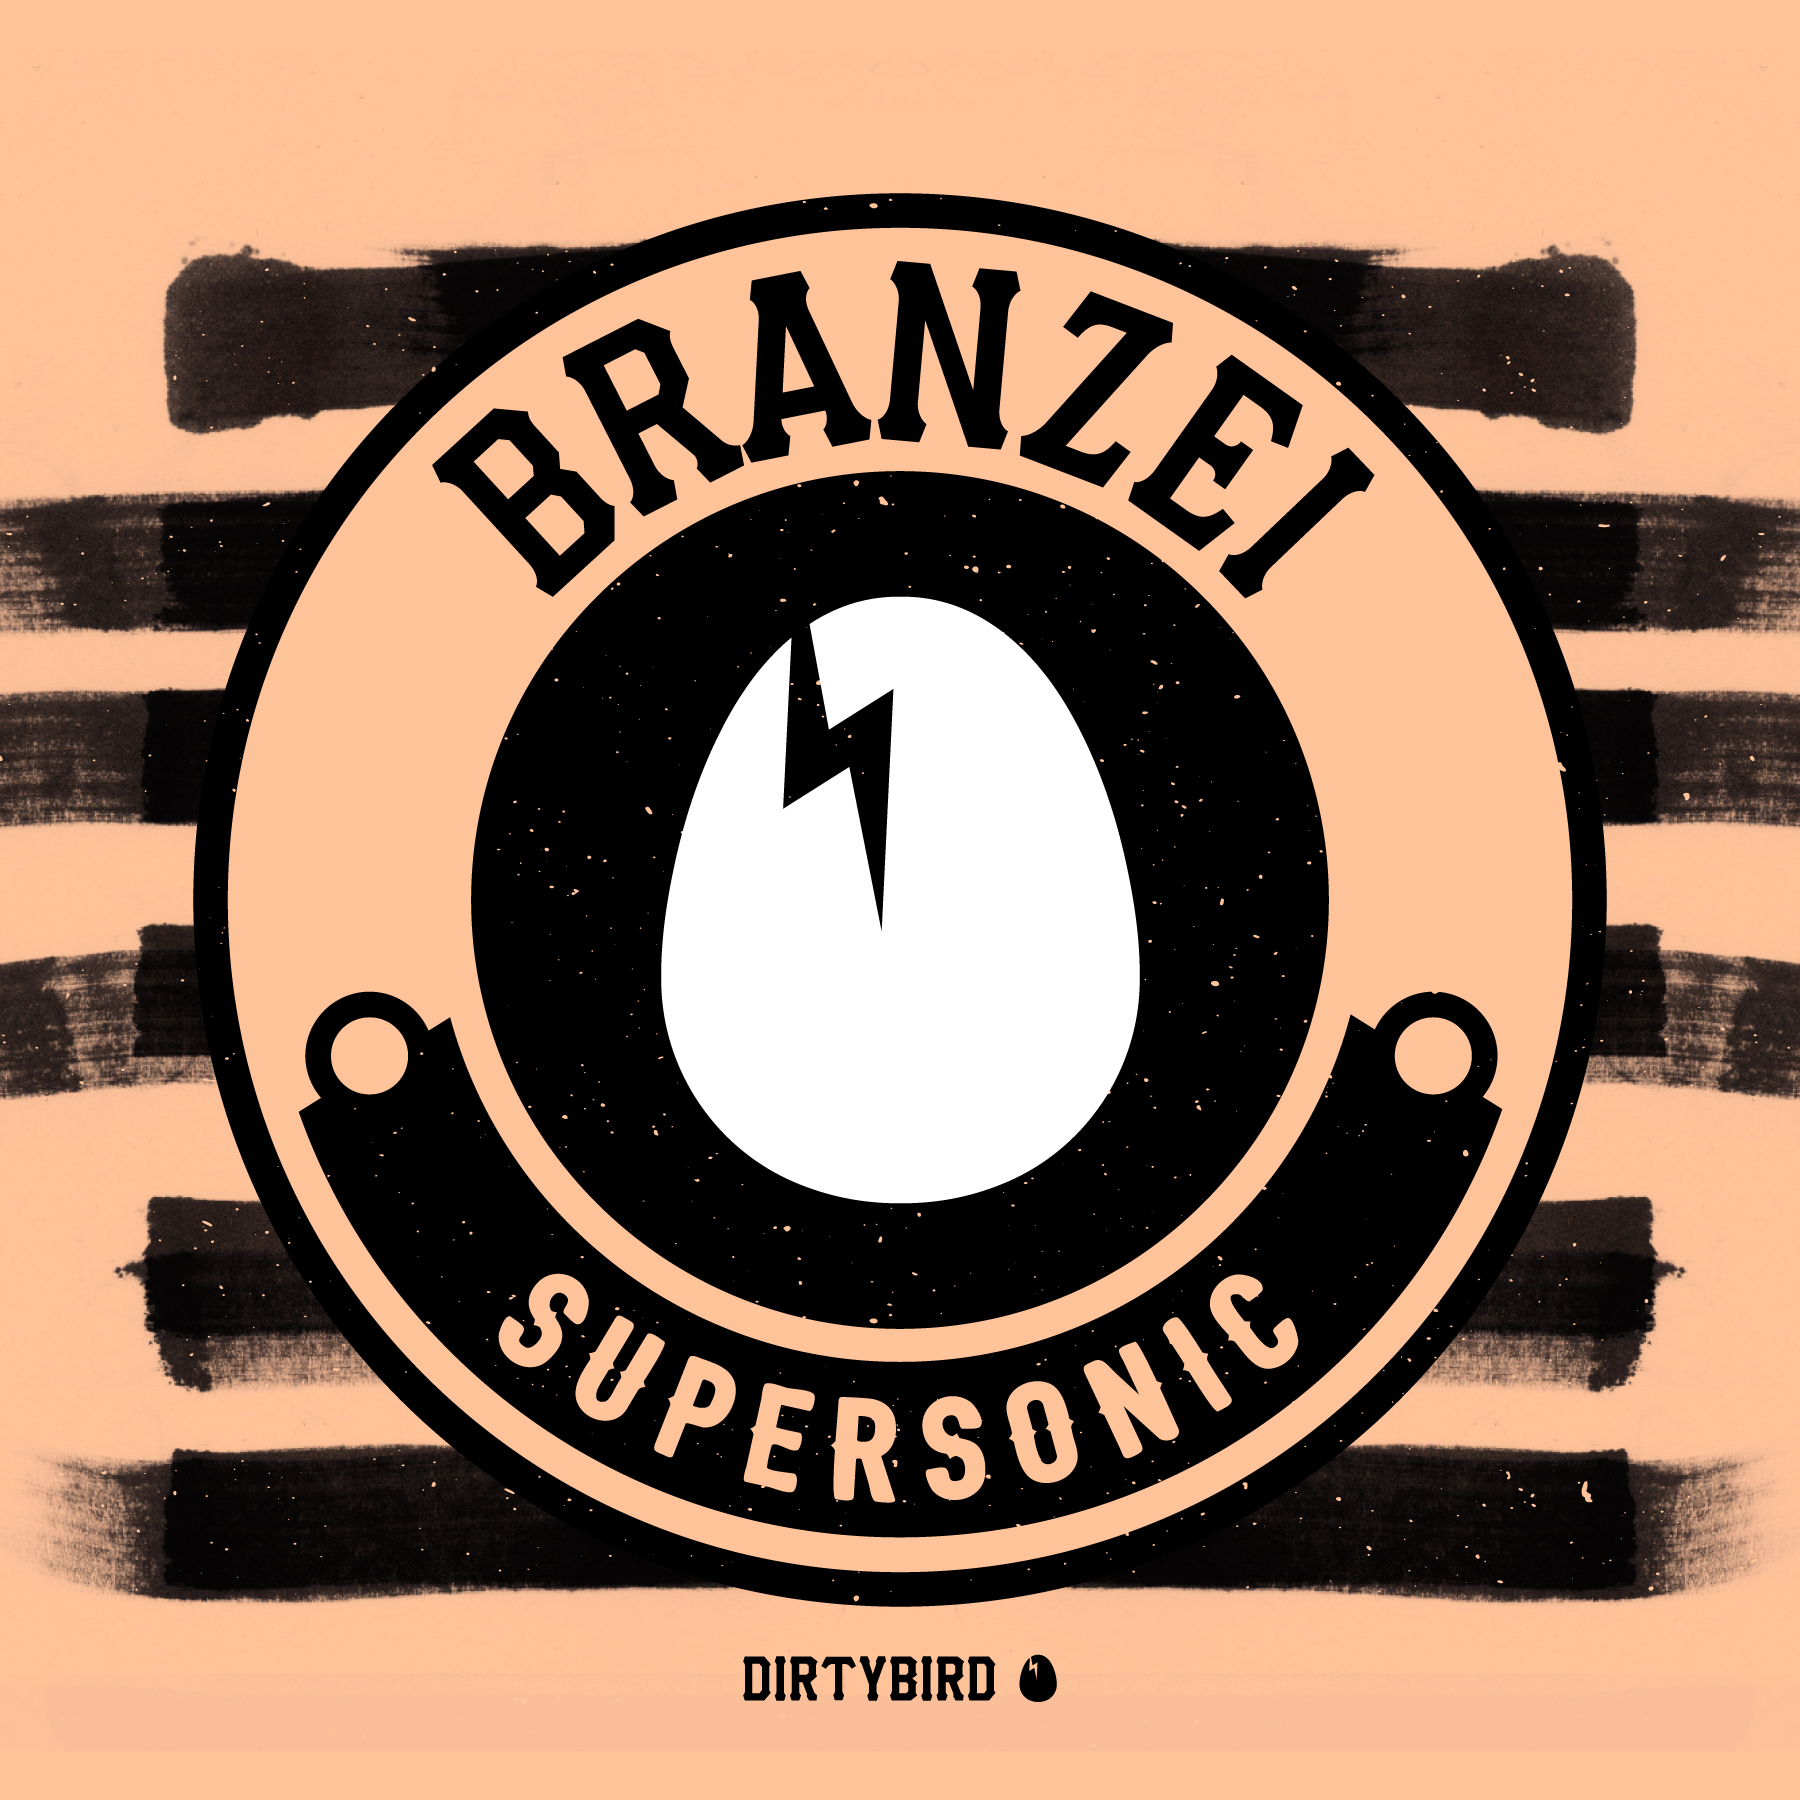 Birdfeed branzei supersonic